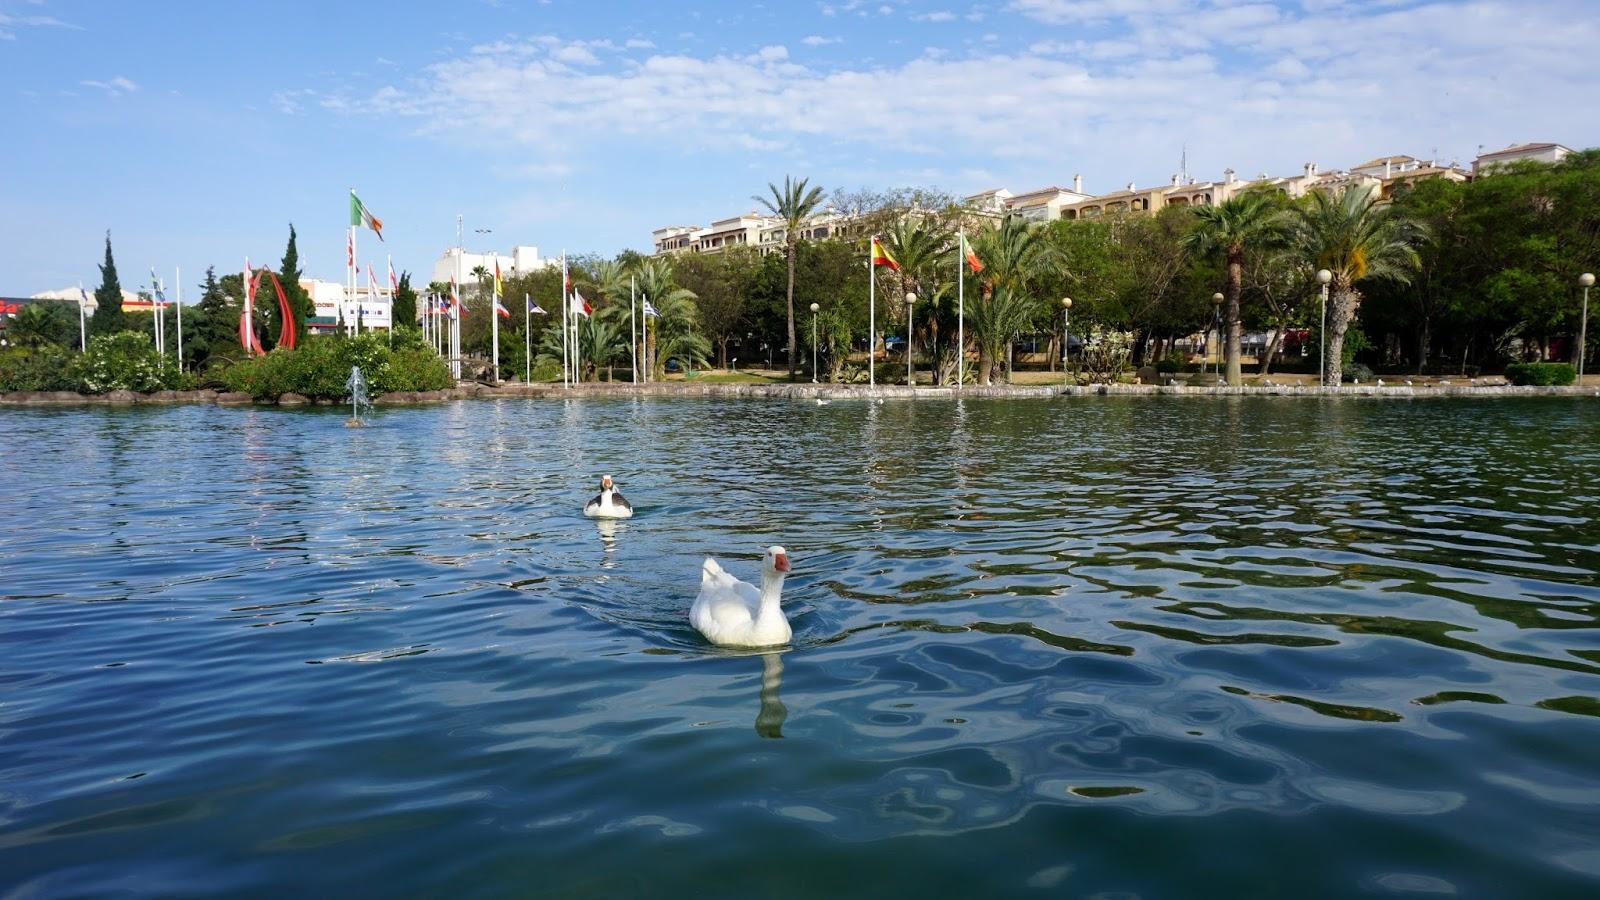 gęsi, Parque de Las Naciones w Torrevieja, atrakcje Torrevieja, atrakcje południowej Hiszpanii